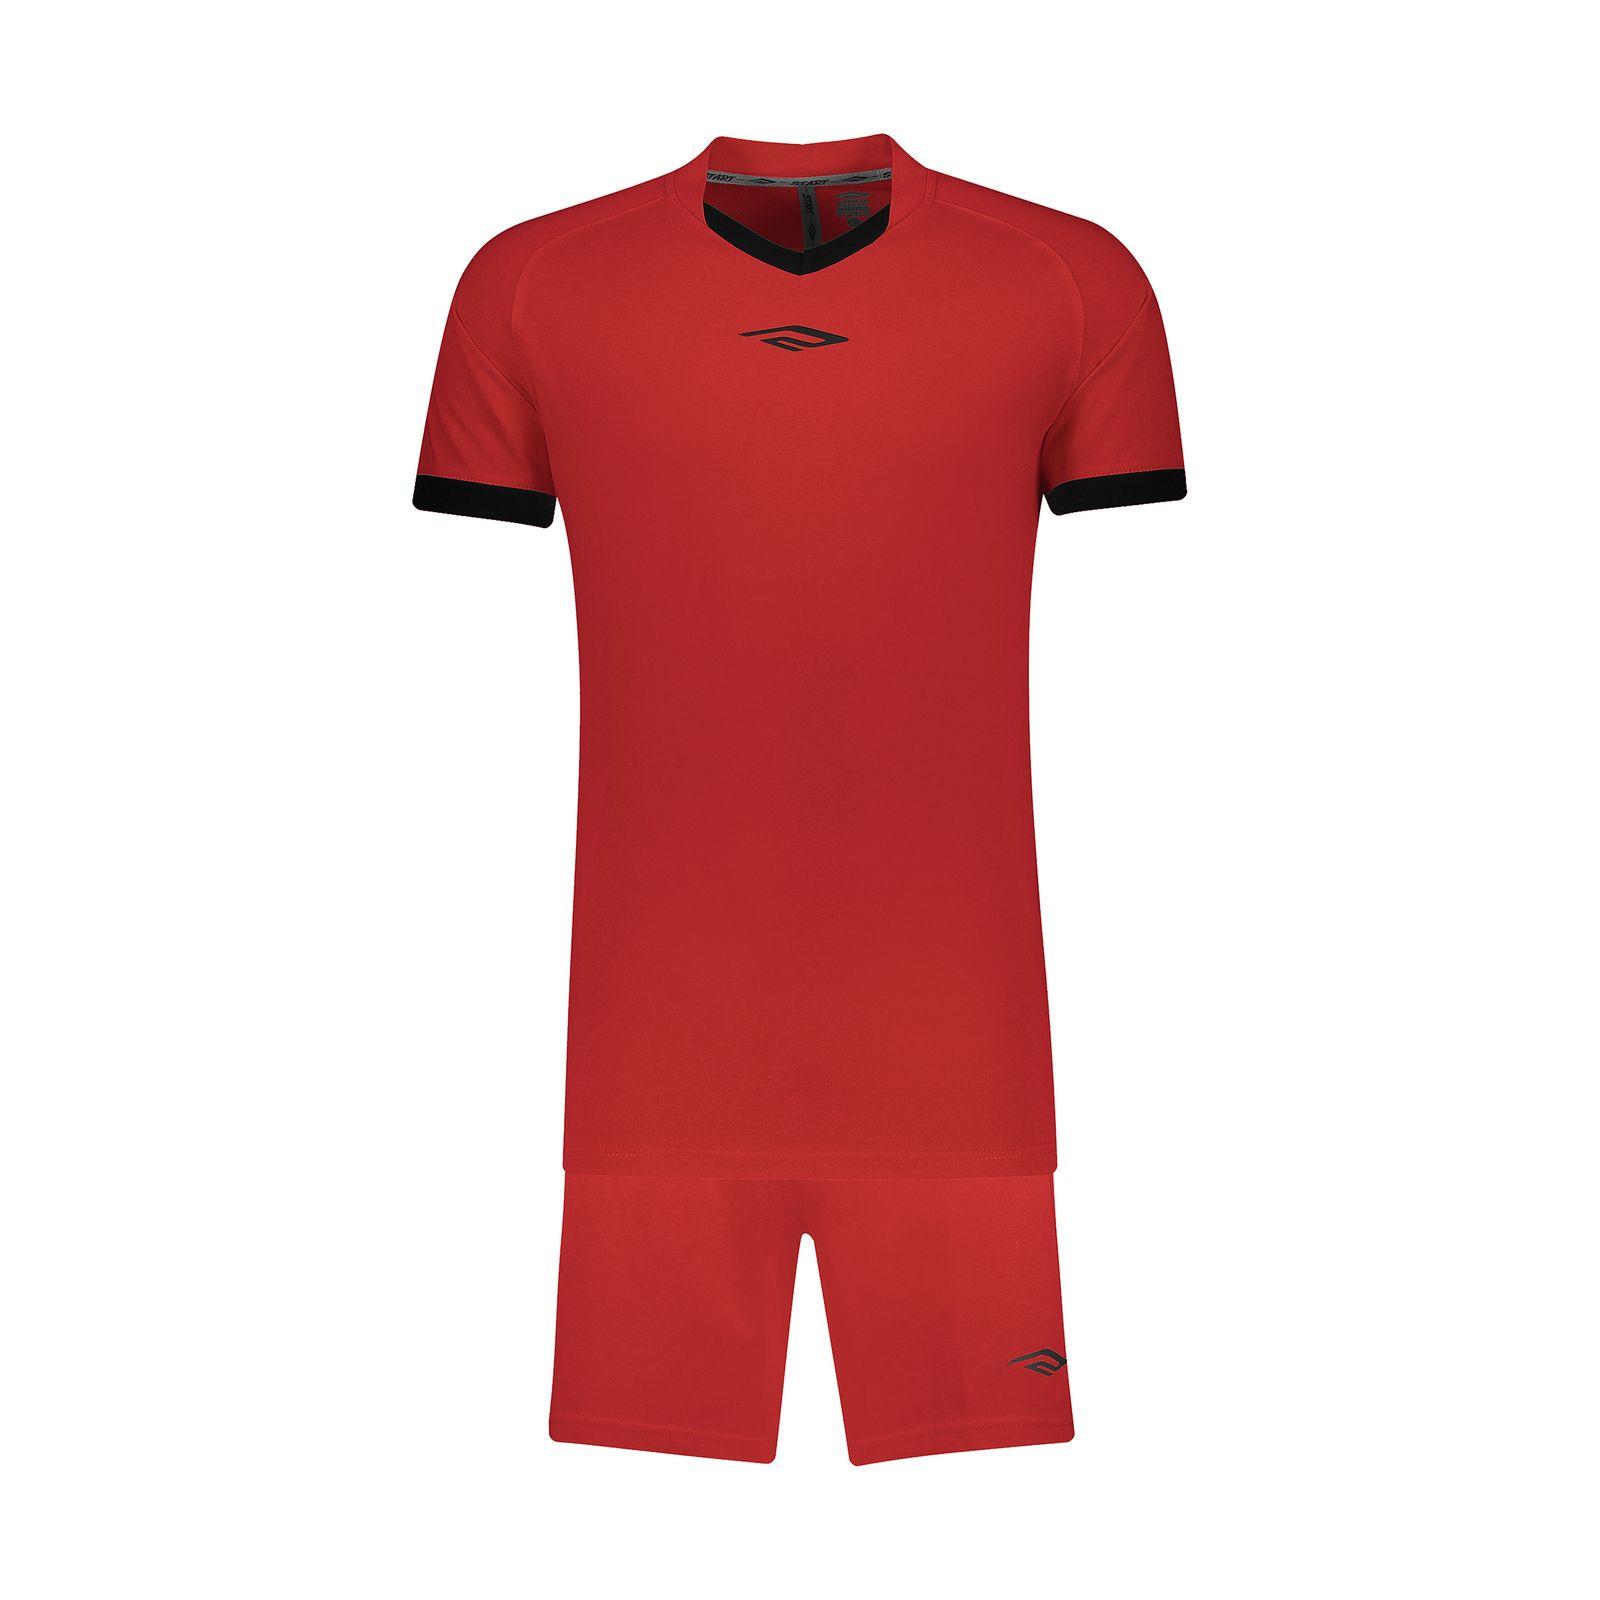 ست پیراهن و شورت ورزشی مردانه استارت مدل v1001-5 -  - 2